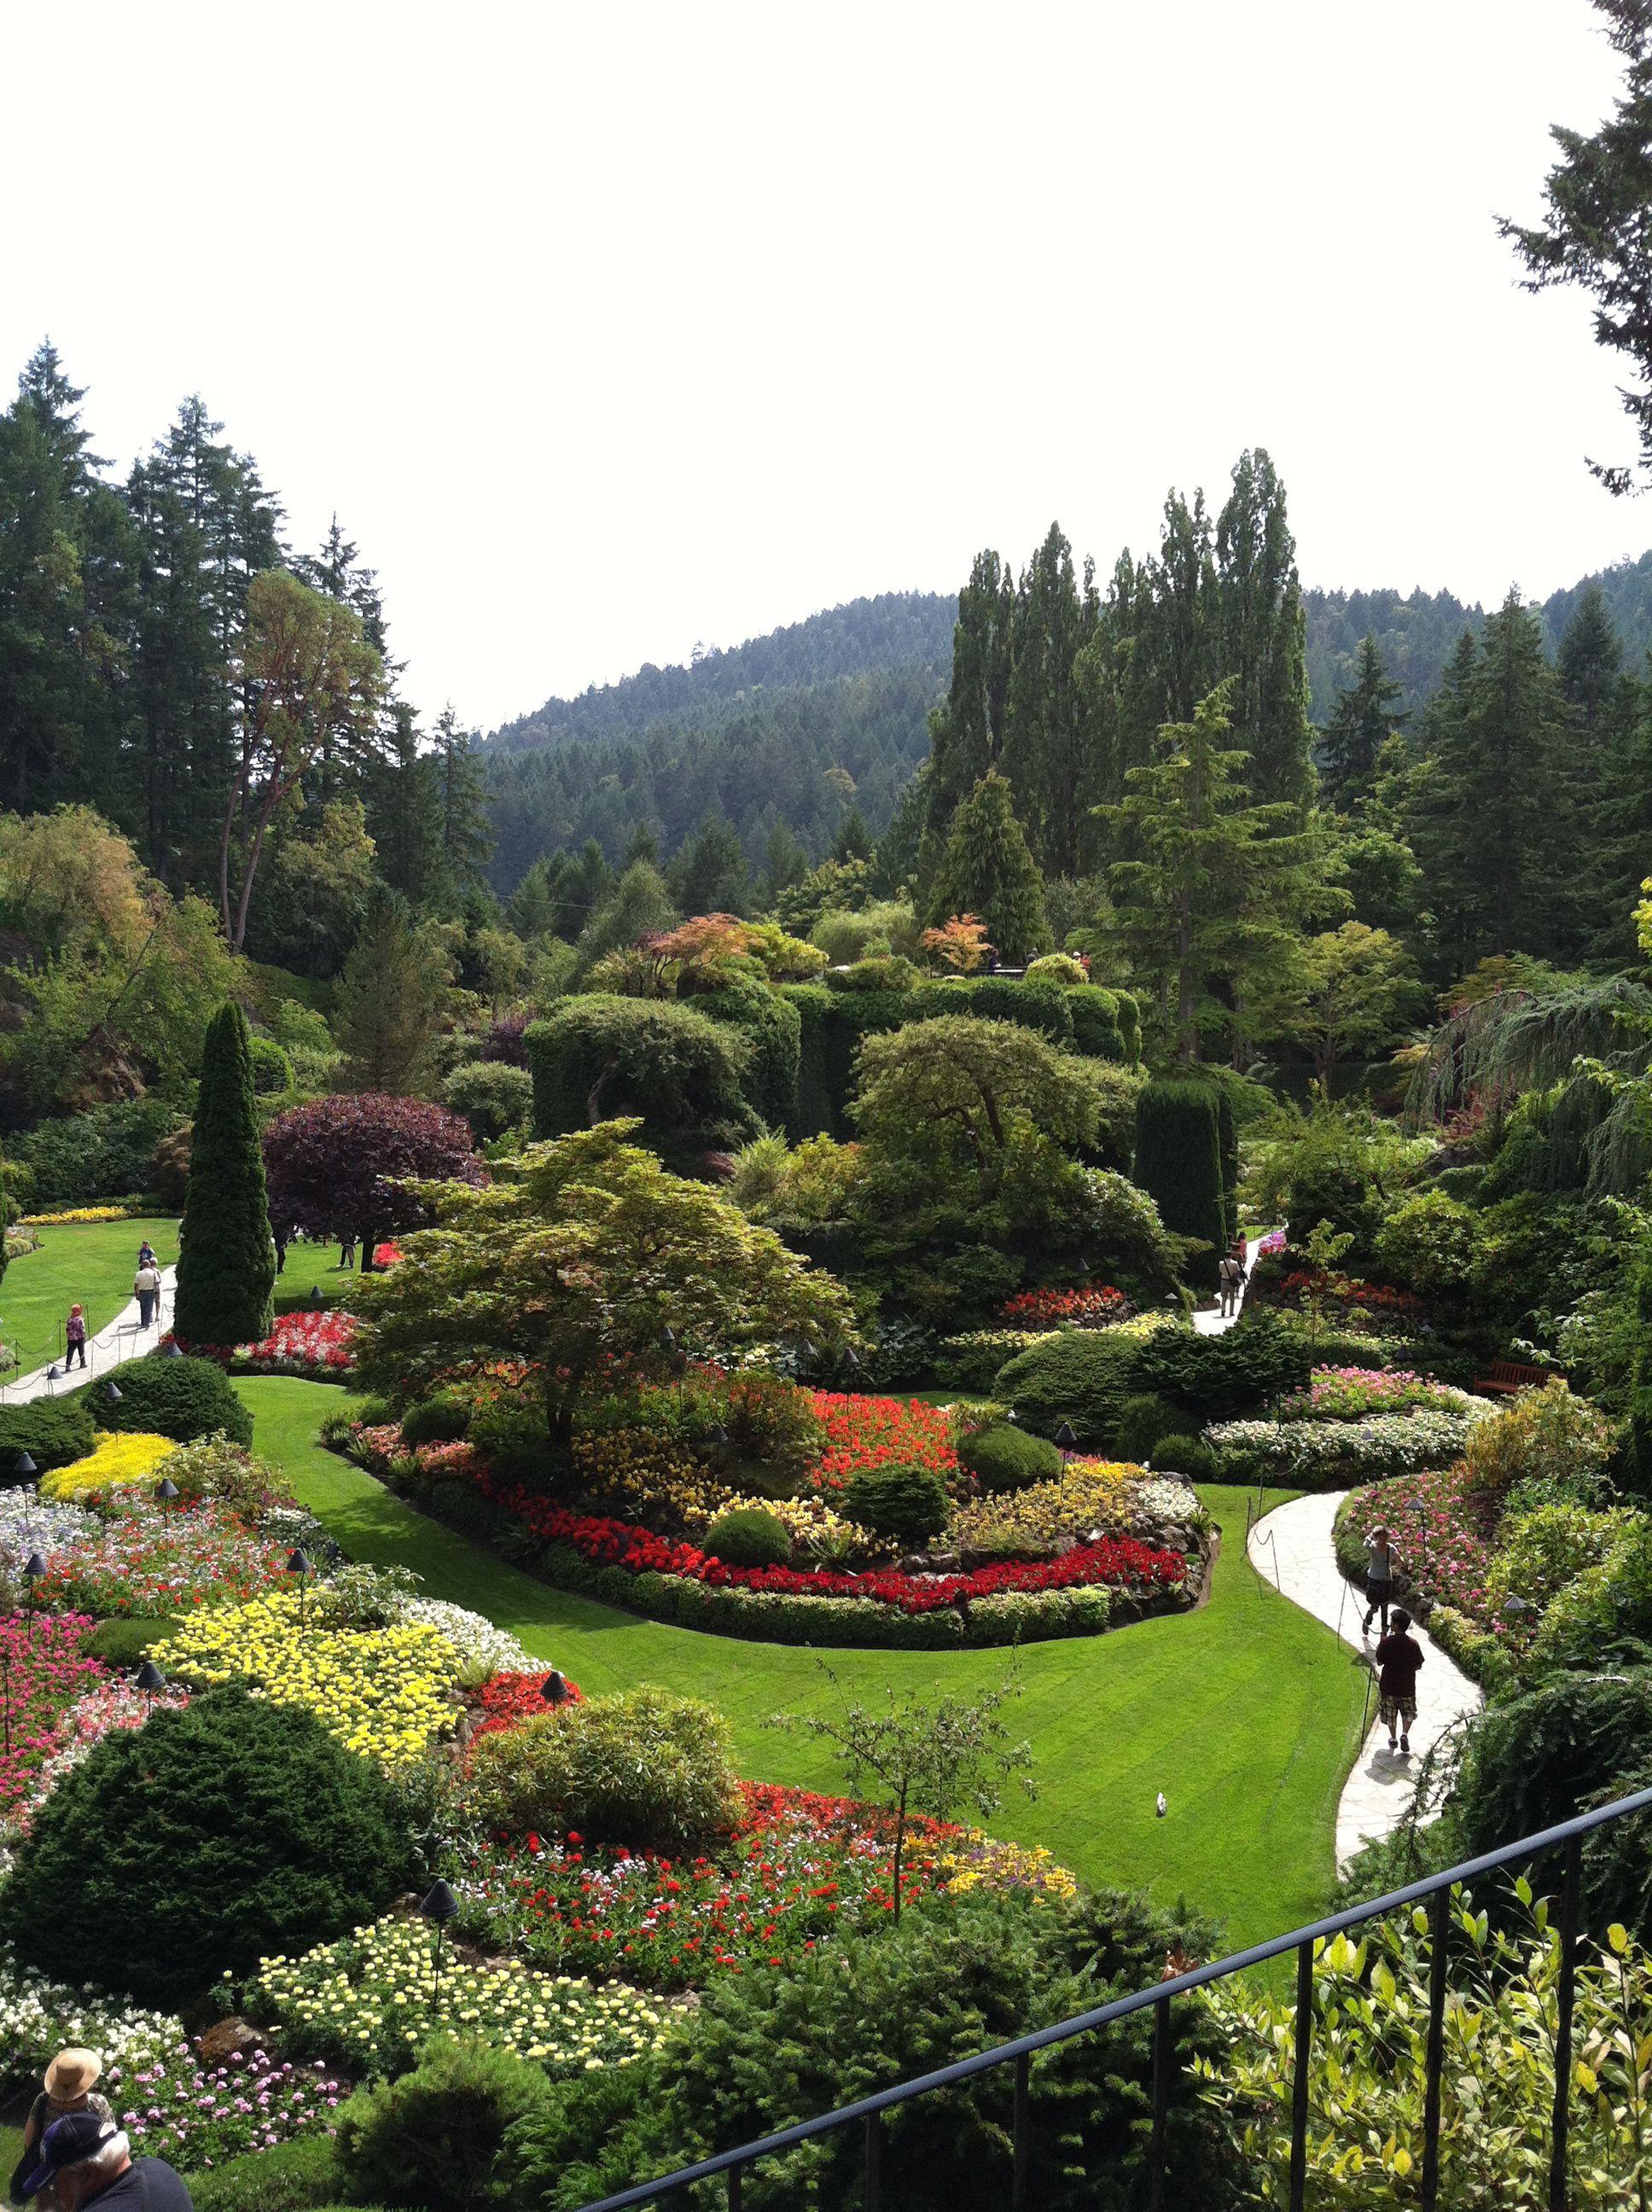 Sunken Garden in Buchart Gardens, Victoria, B.C